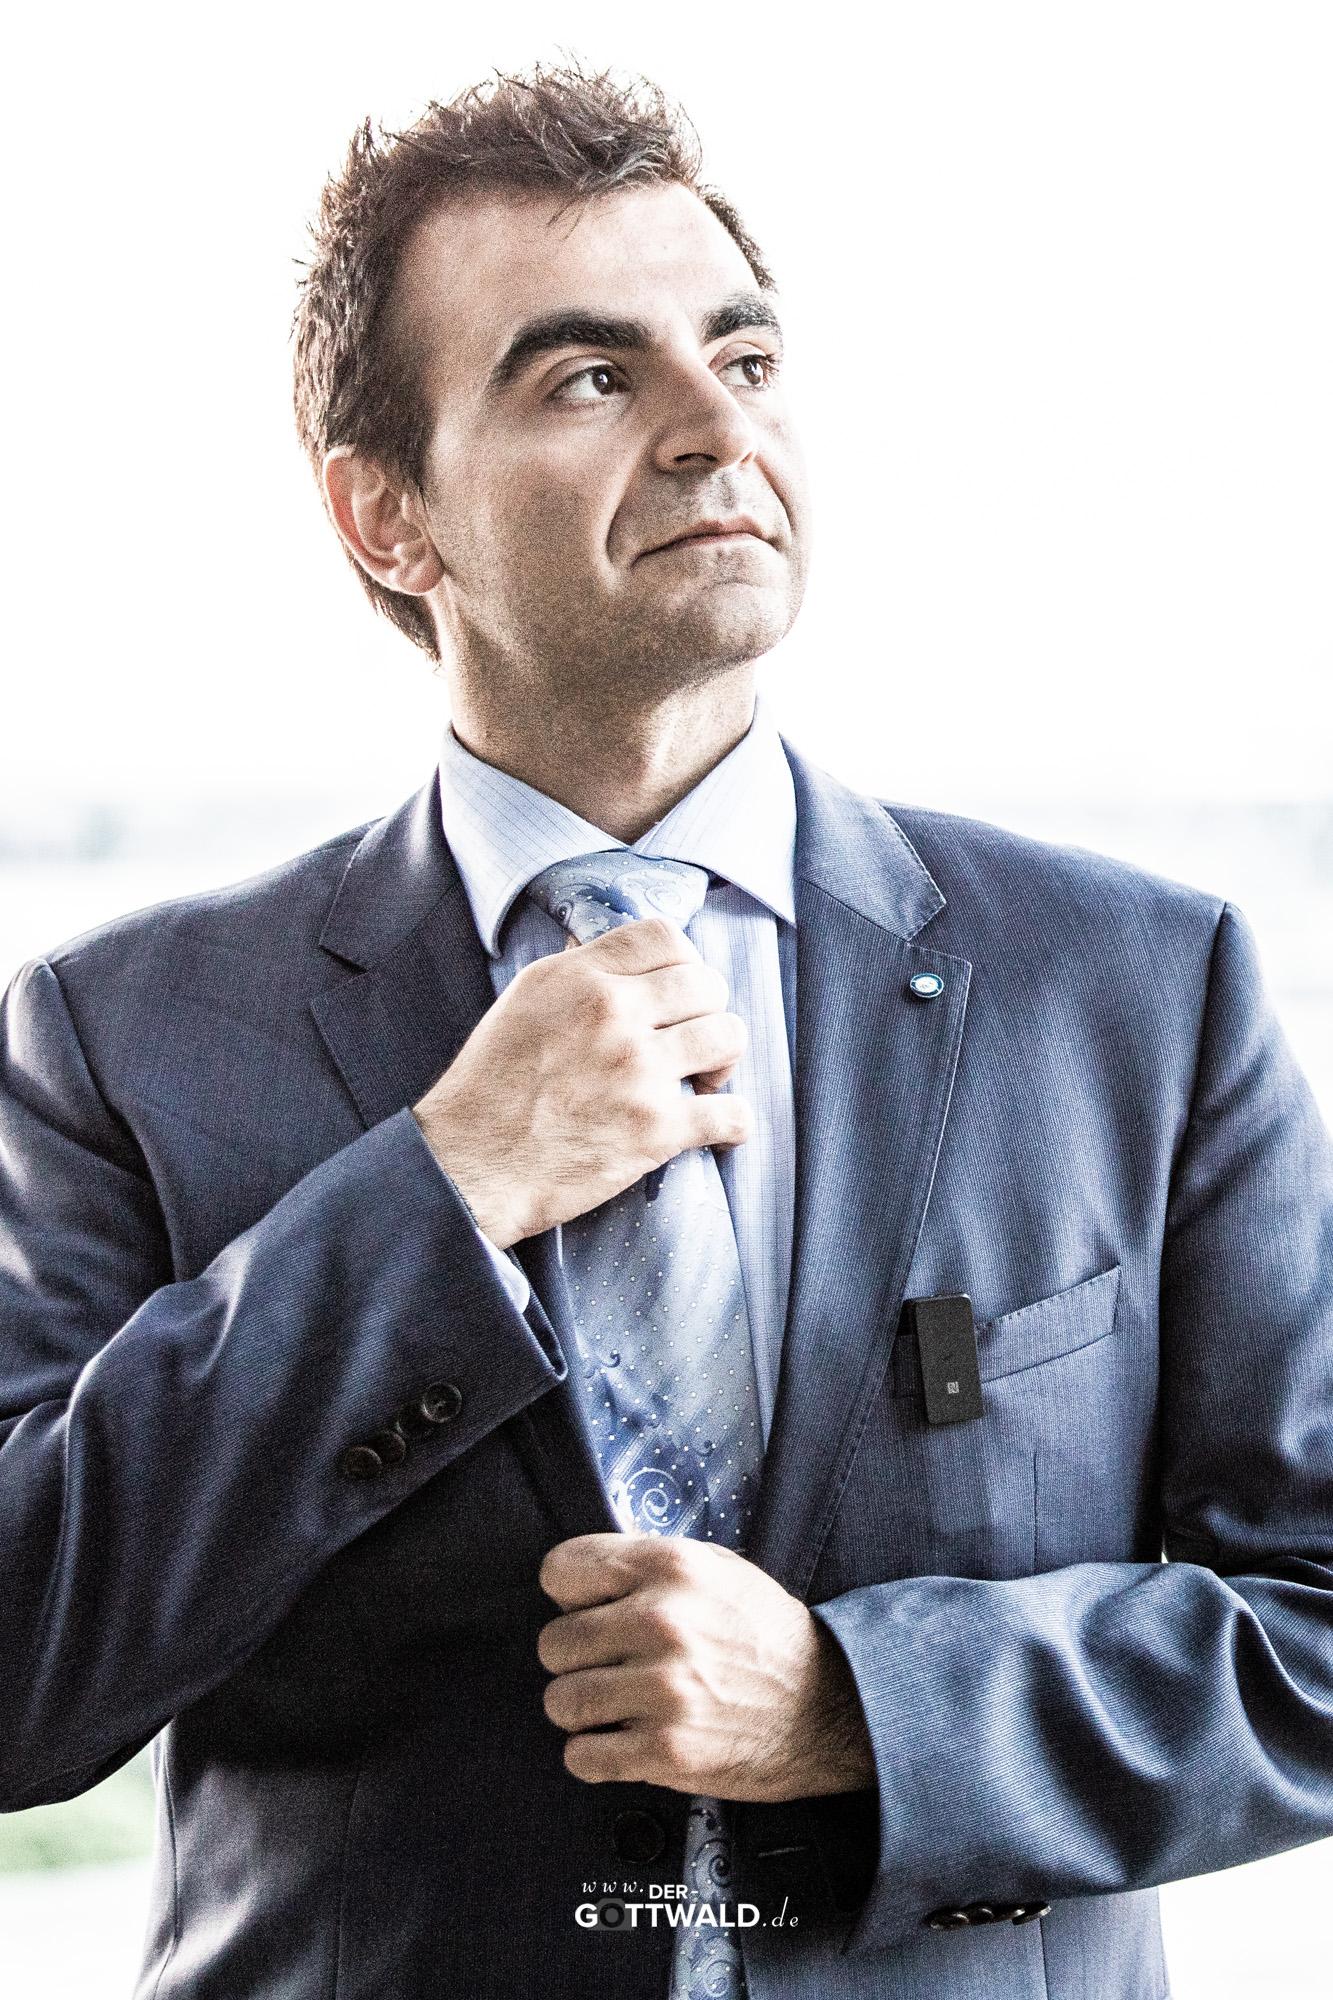 der-gottwaldDE - Business-Portrait 027.jpg